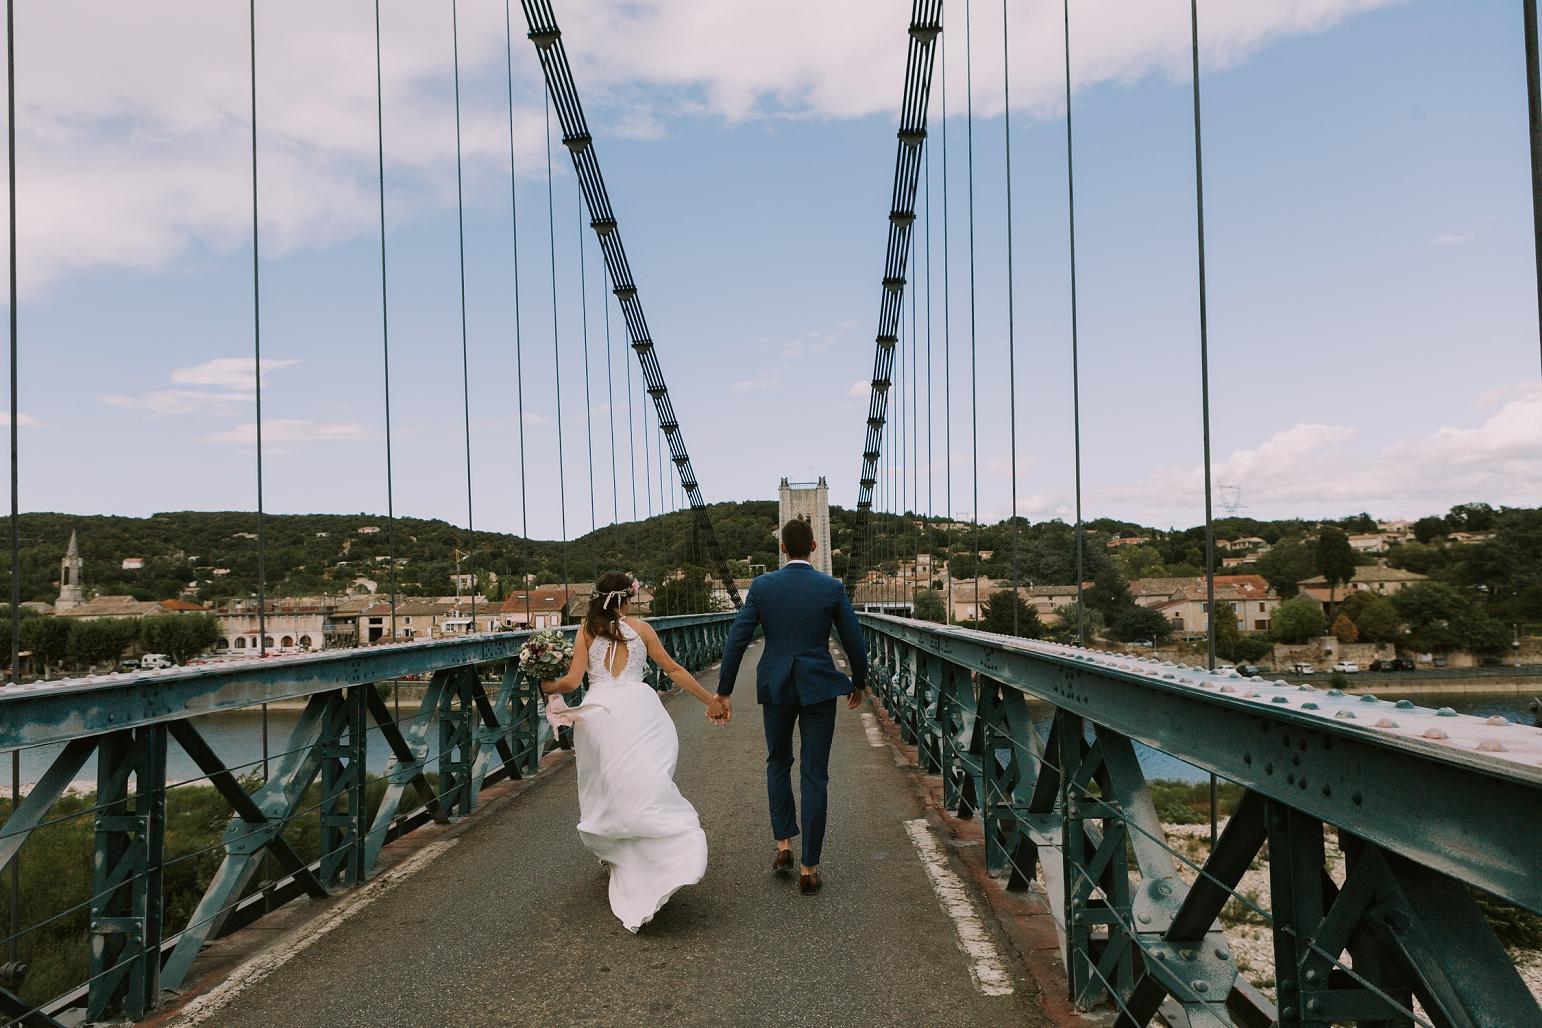 kateryna-photos-mariage-wedding-france-ardeche-domaine-clos-hullias-Saint-Christol-de-Rodière-gard-cevennes_0164.jpg